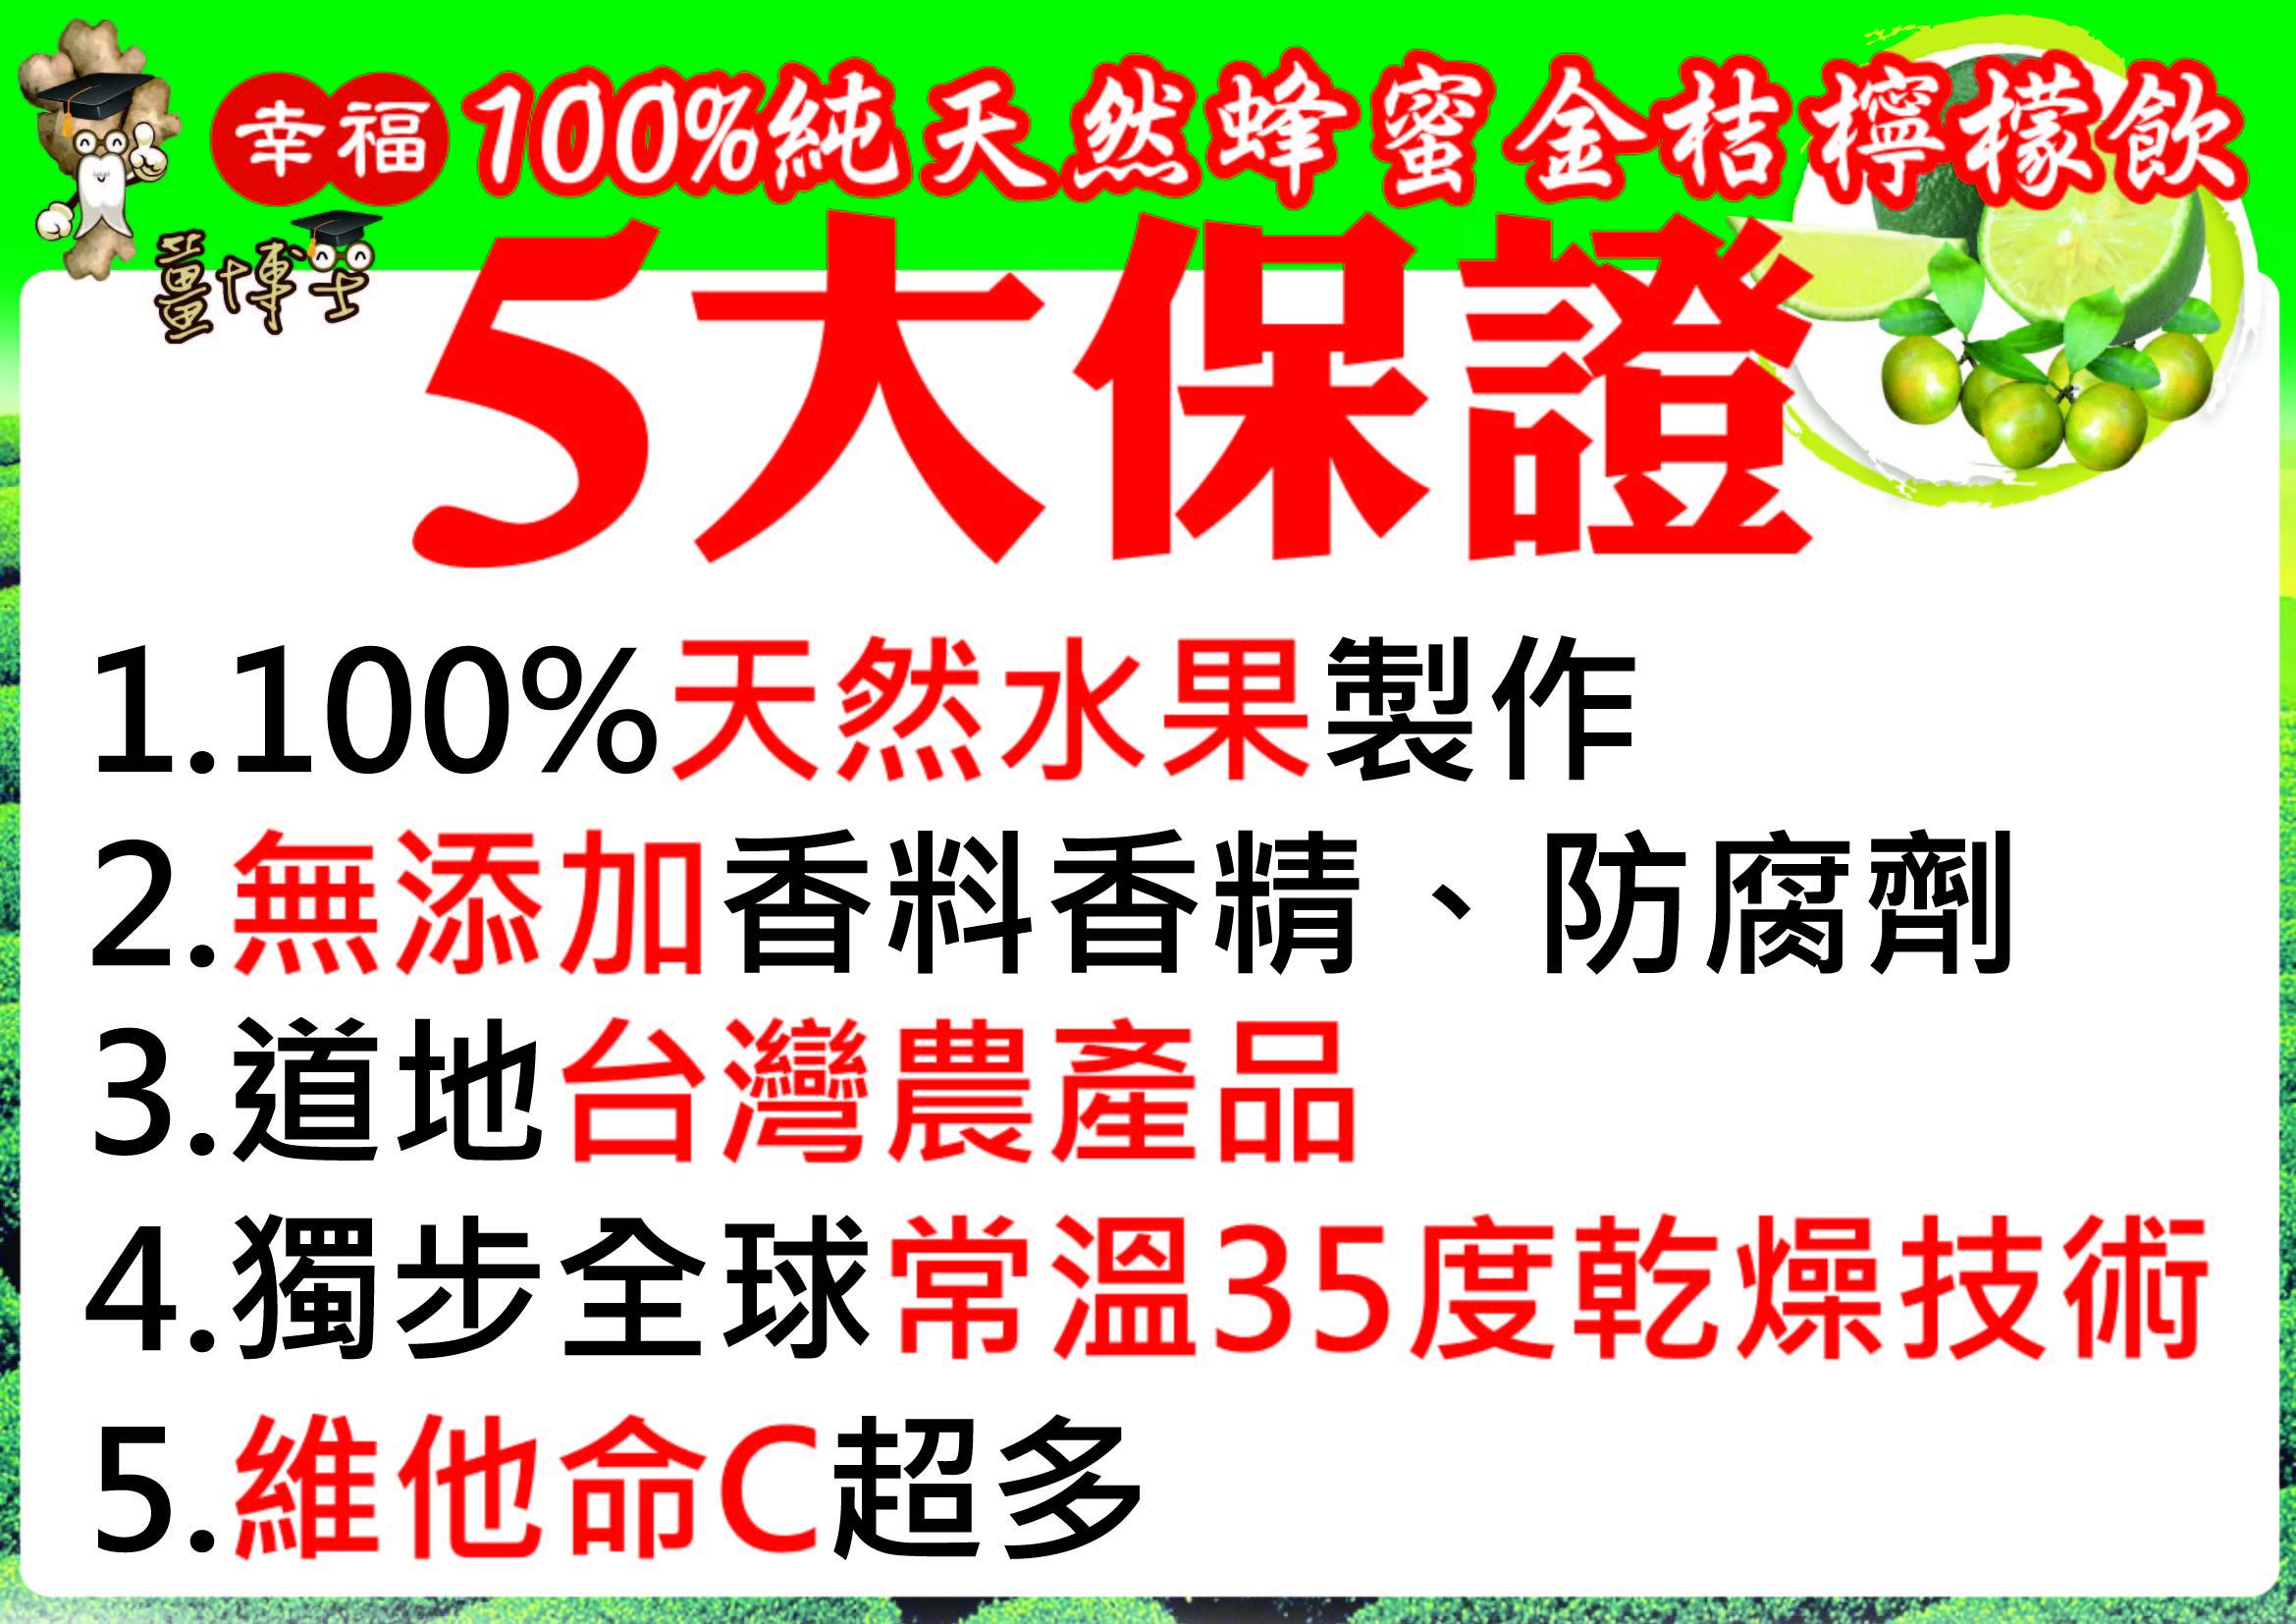 限時特價優惠【台灣常溫】蜂蜜金桔檸檬飲(2袋組)20g/包(每袋10包) #超值組合 #新鮮壓榨 #無防腐劑 2